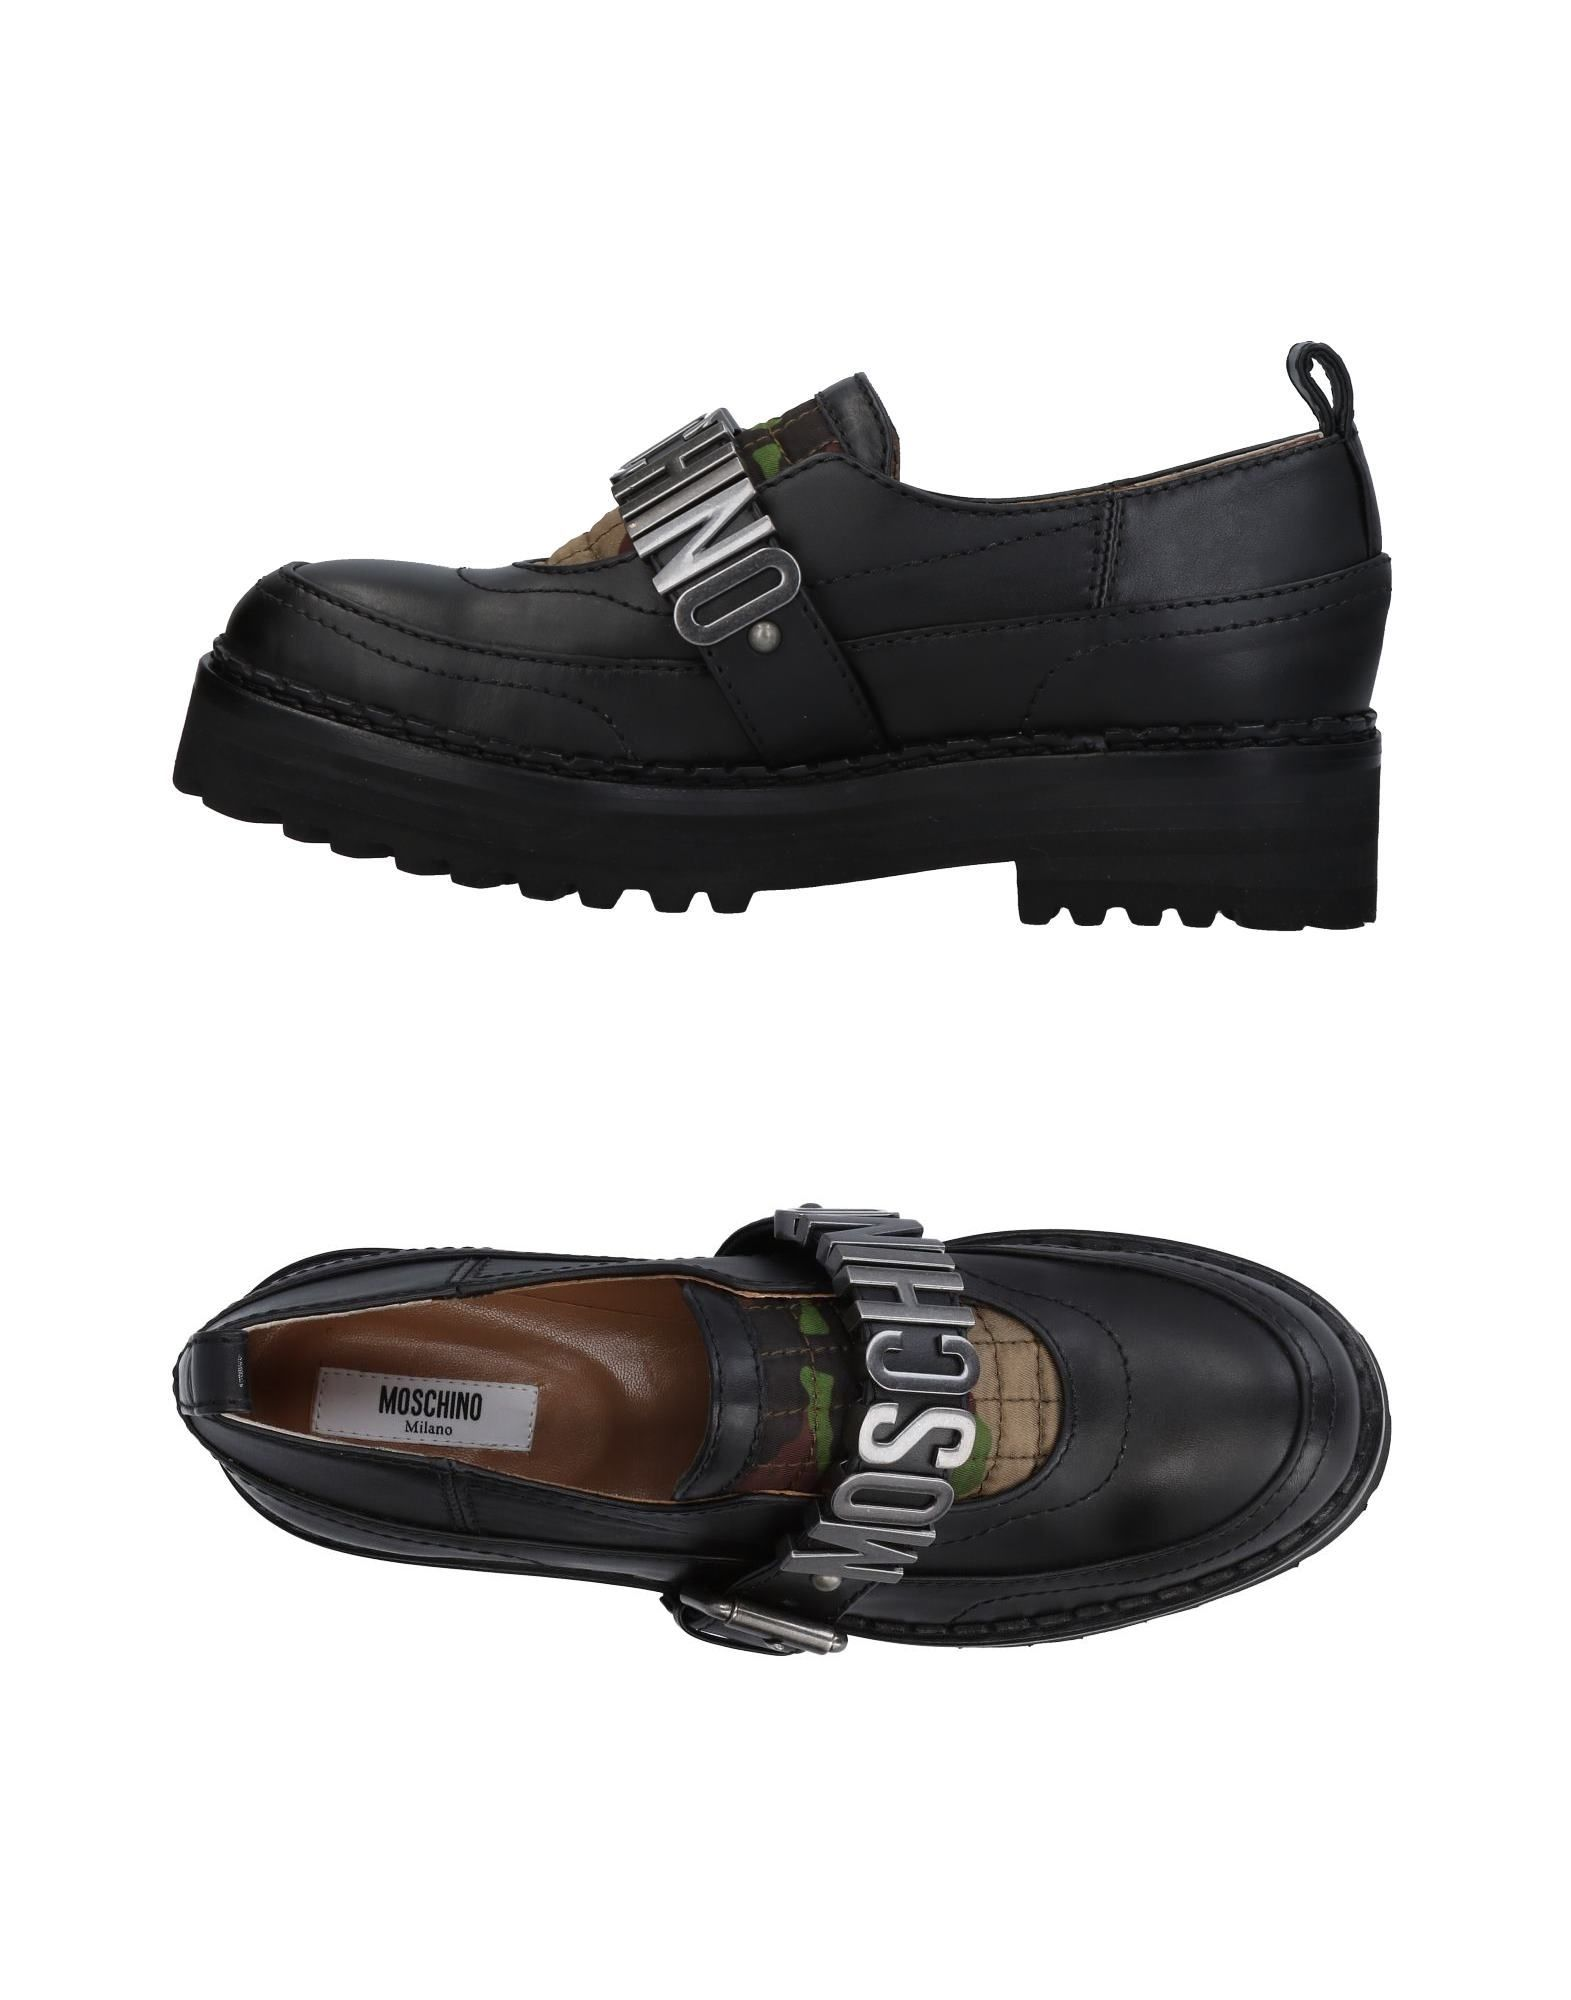 Rabatt Schuhe Mokassins Moschino Mokassins Schuhe Damen  11451065NT 880af2